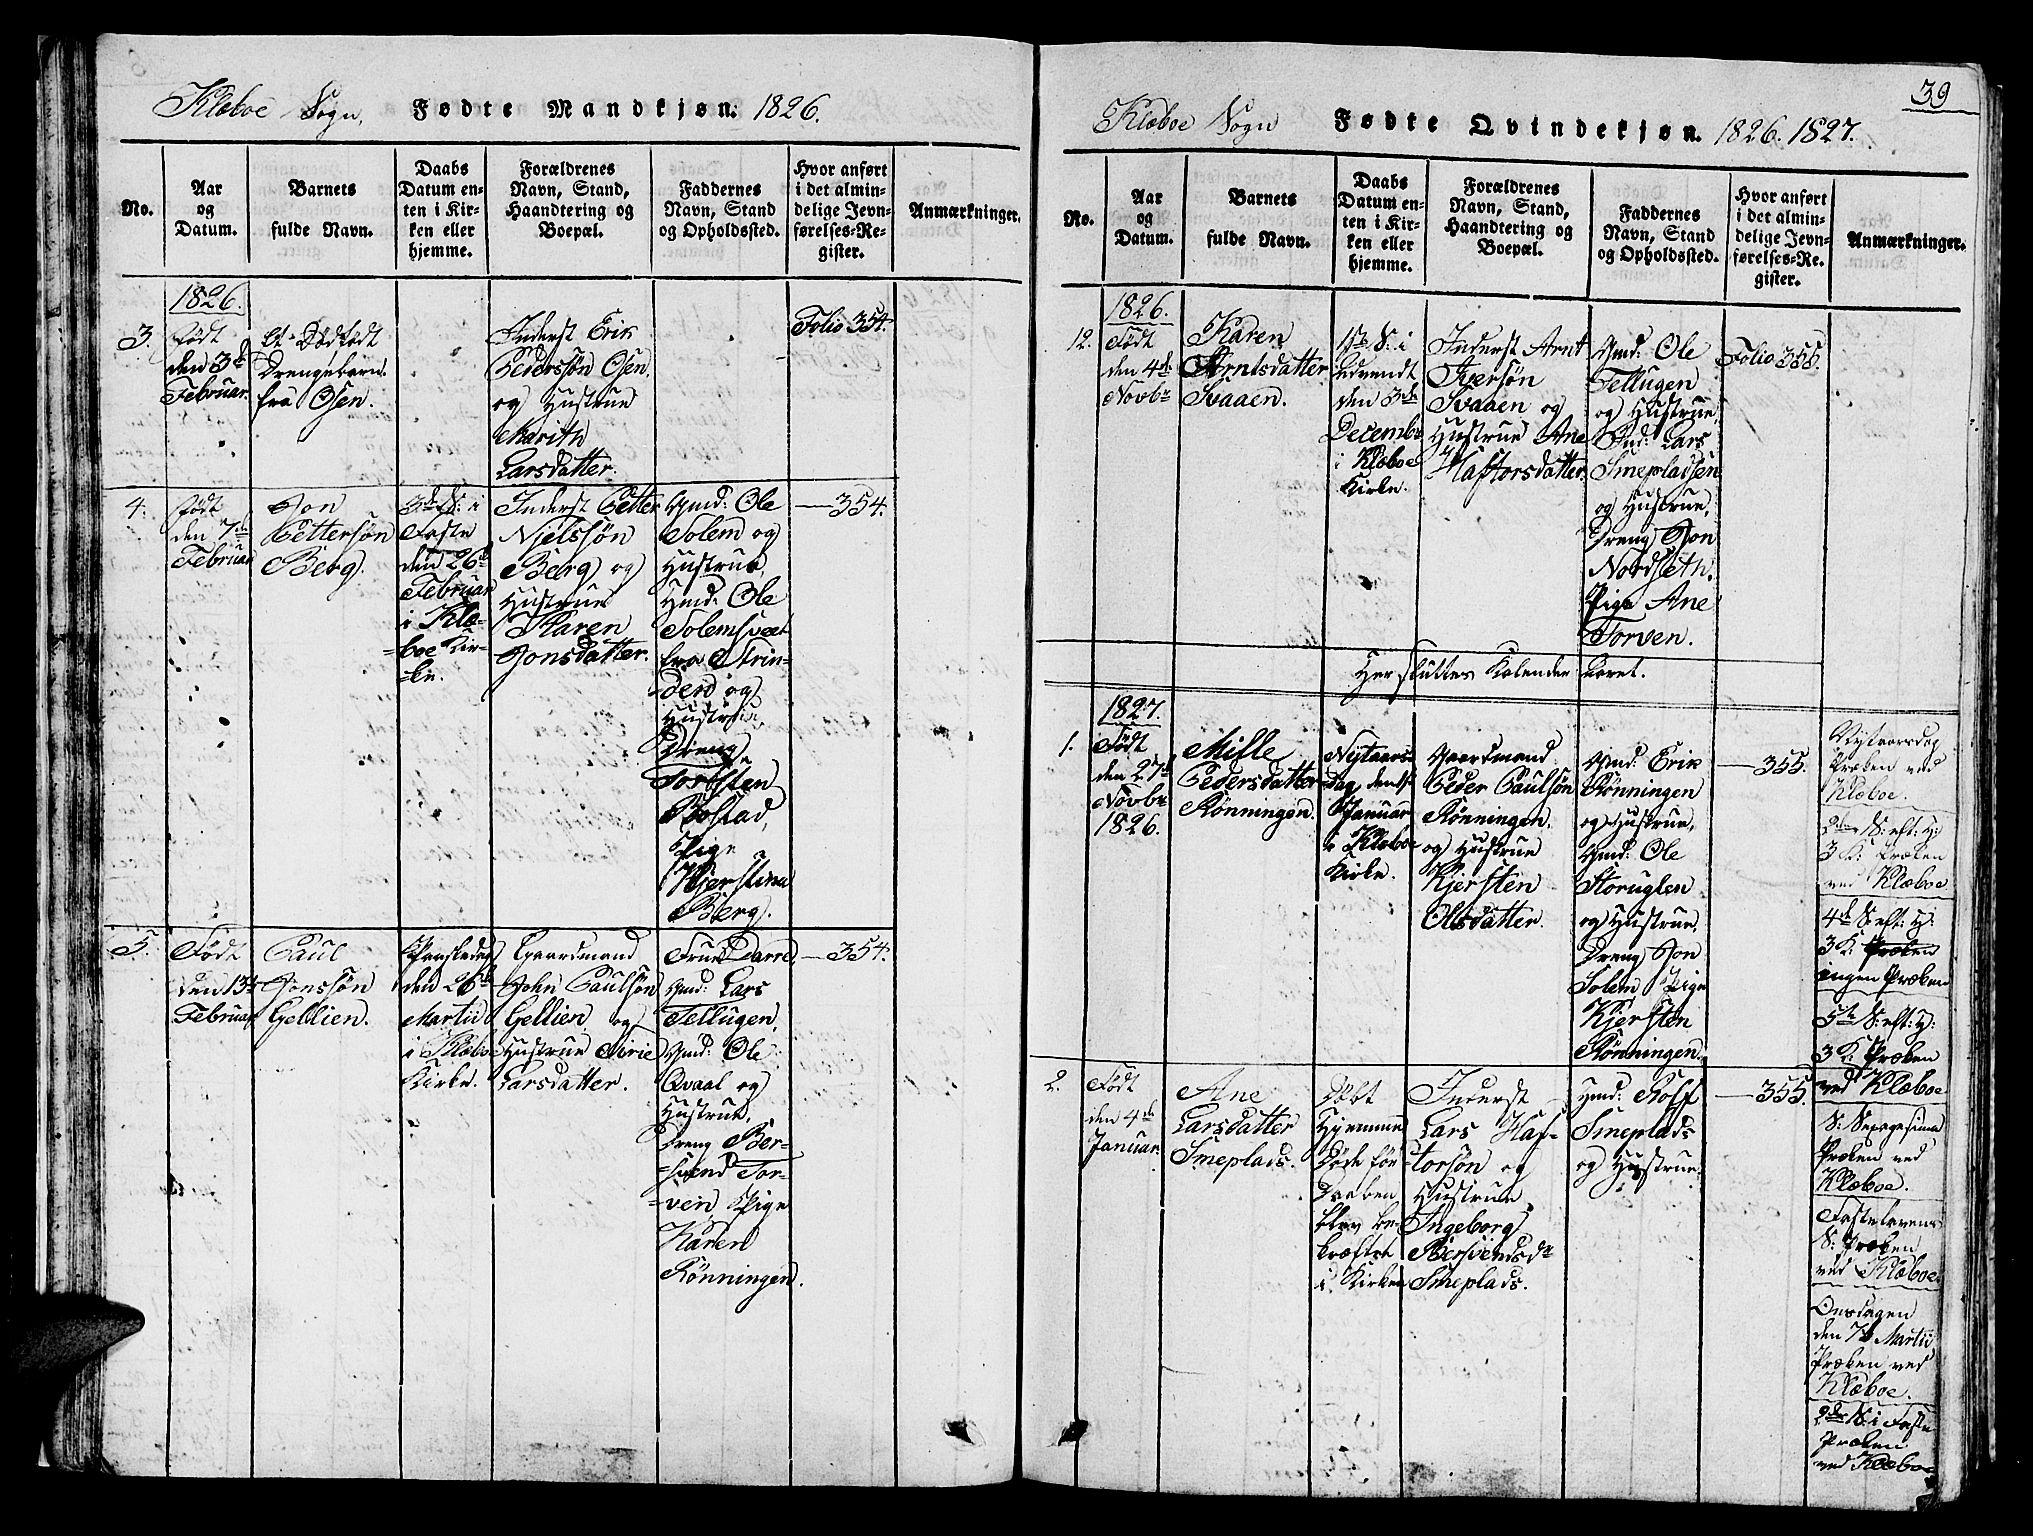 SAT, Ministerialprotokoller, klokkerbøker og fødselsregistre - Sør-Trøndelag, 618/L0450: Klokkerbok nr. 618C01, 1816-1865, s. 39